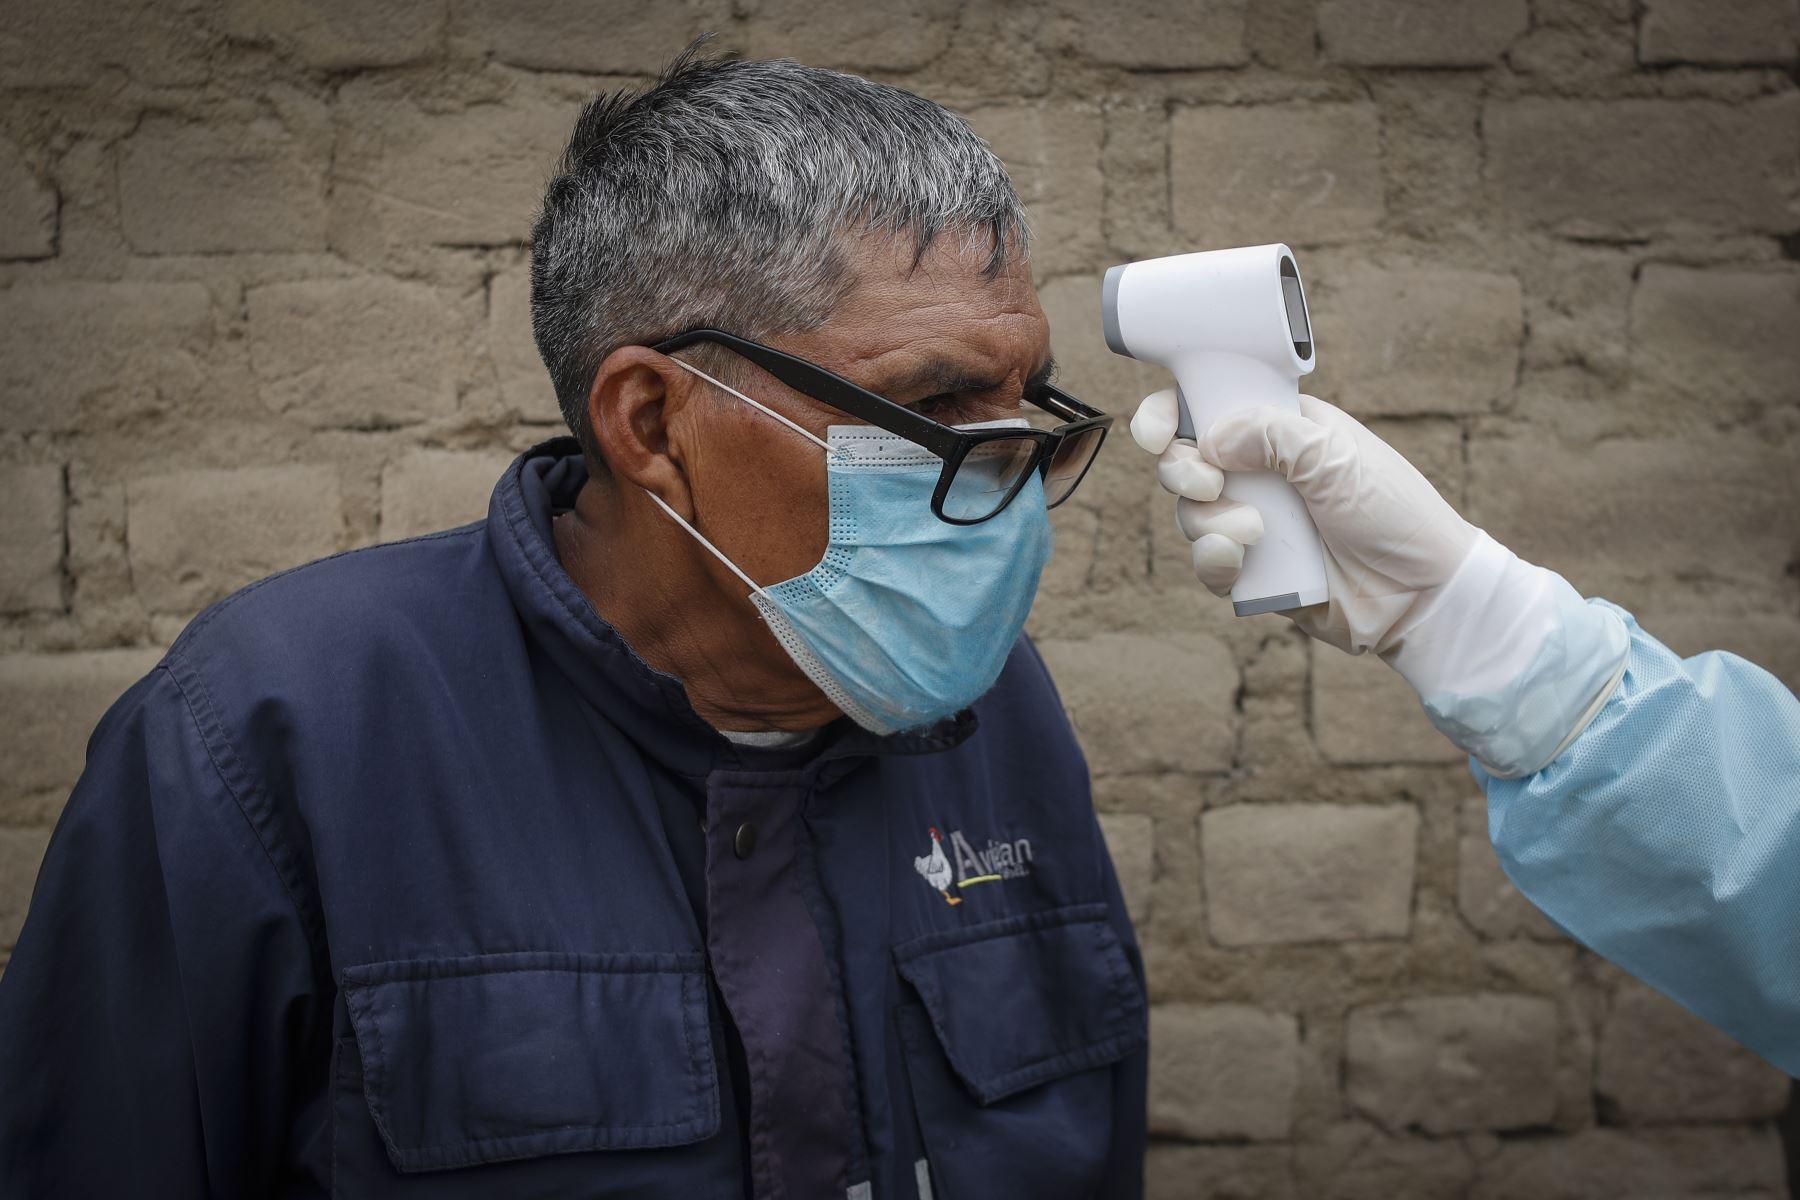 También miden el nivel de oxigeno en la sangre a través de un pulsioximetro y además toman su temperatura. Foto: ANDINA/Renato Pajuelo